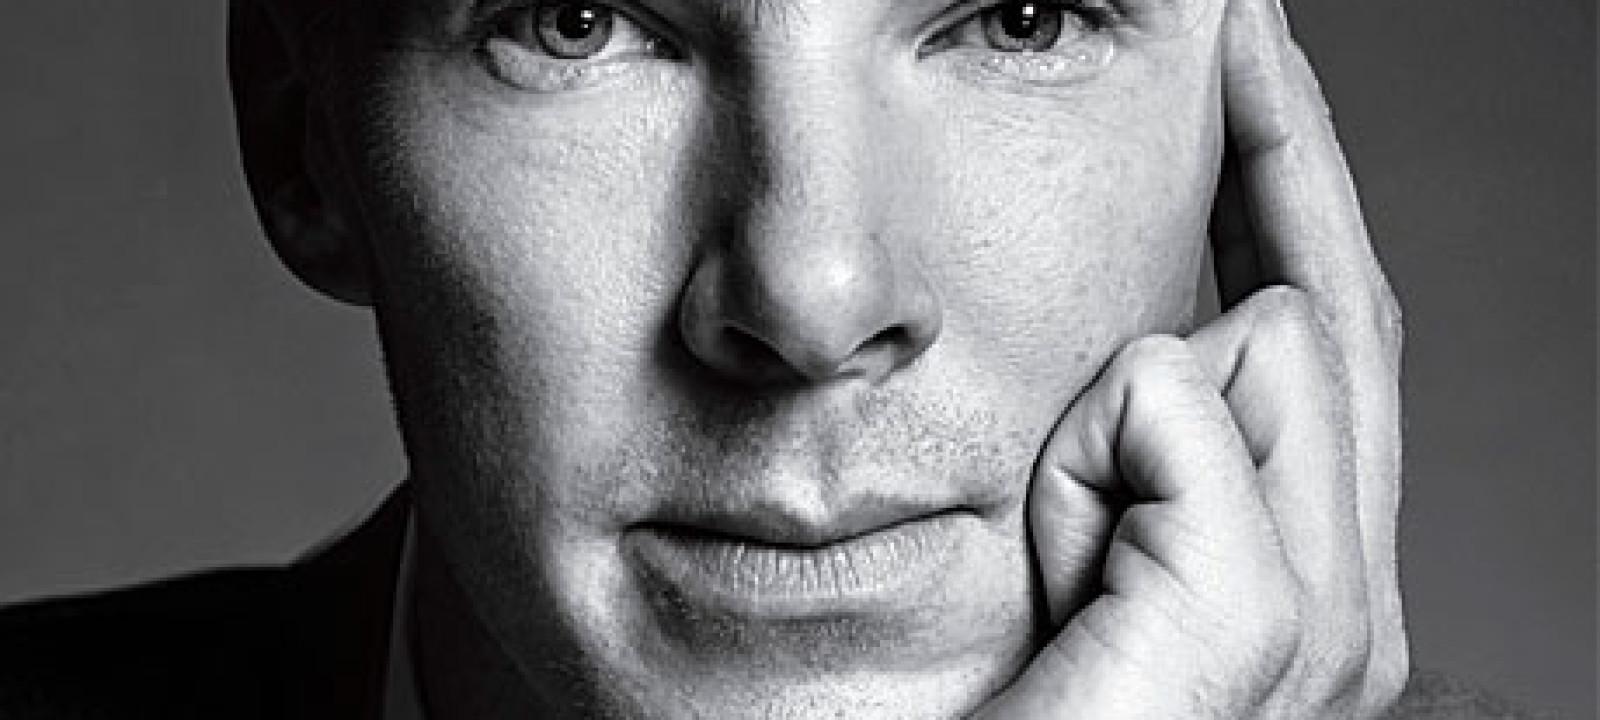 Benedict Cumberbatch's Time magazine cover